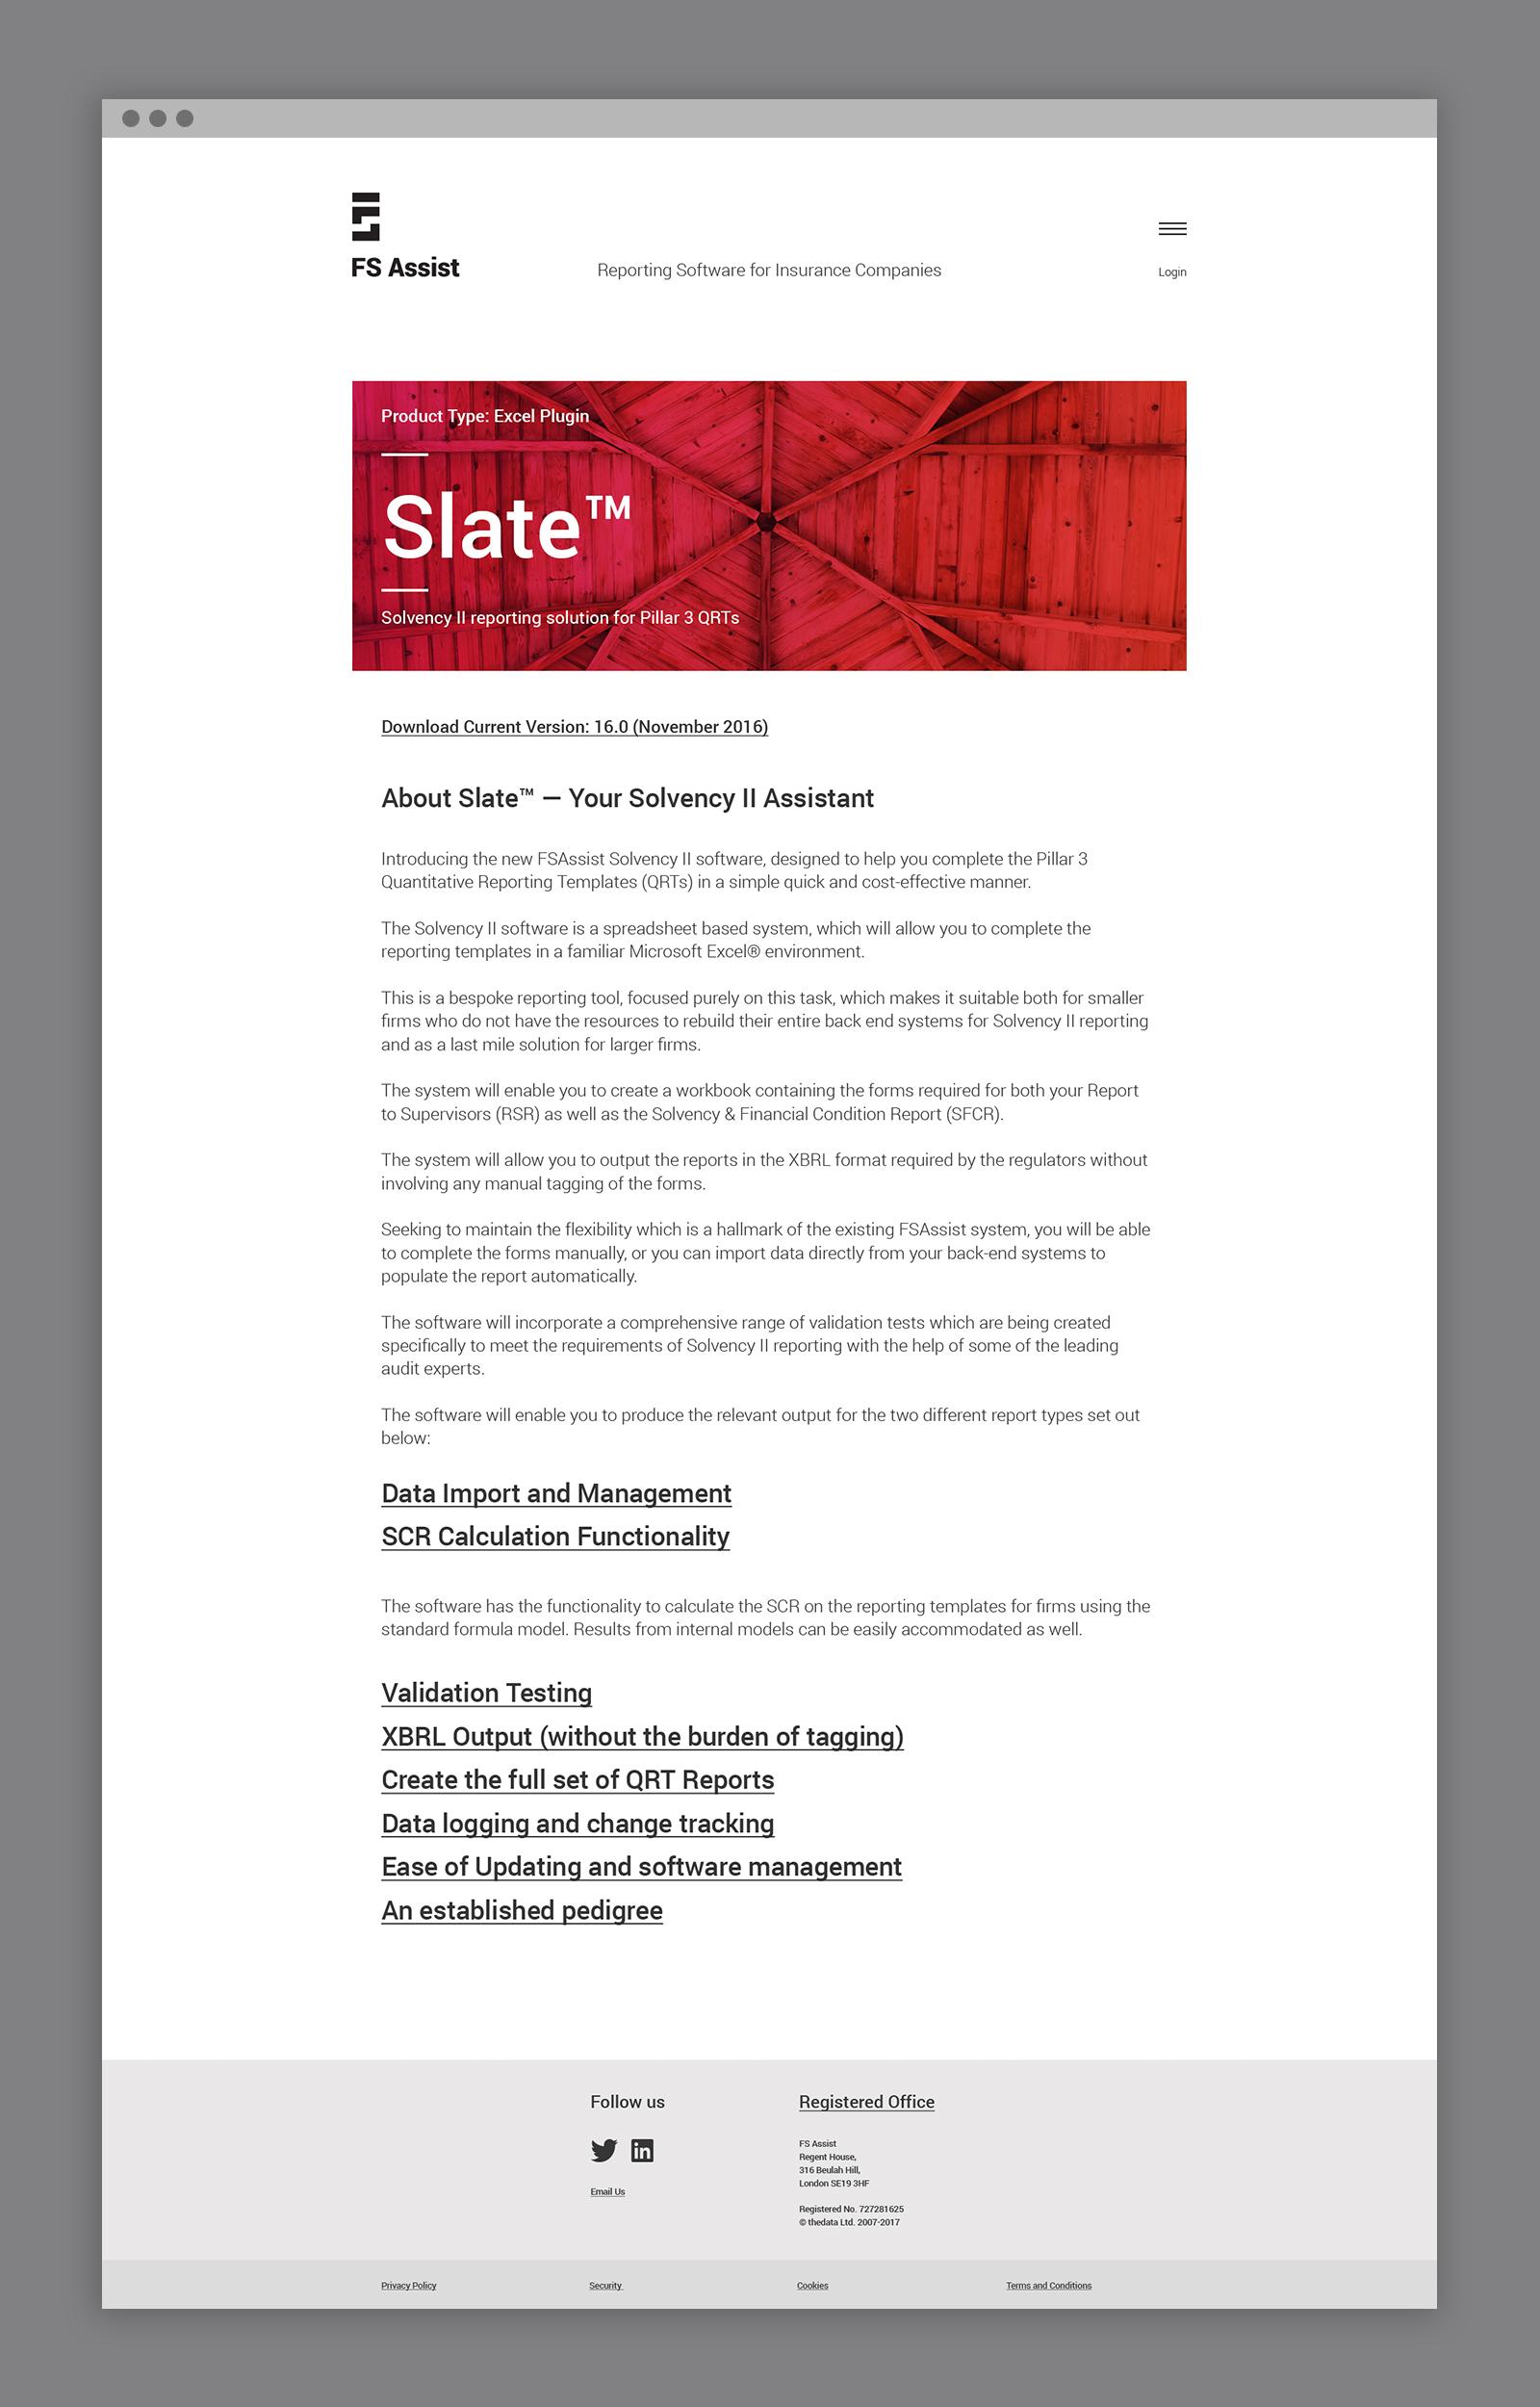 fs-assist-website-by-ALSO-Agency-Slate-00.jpg